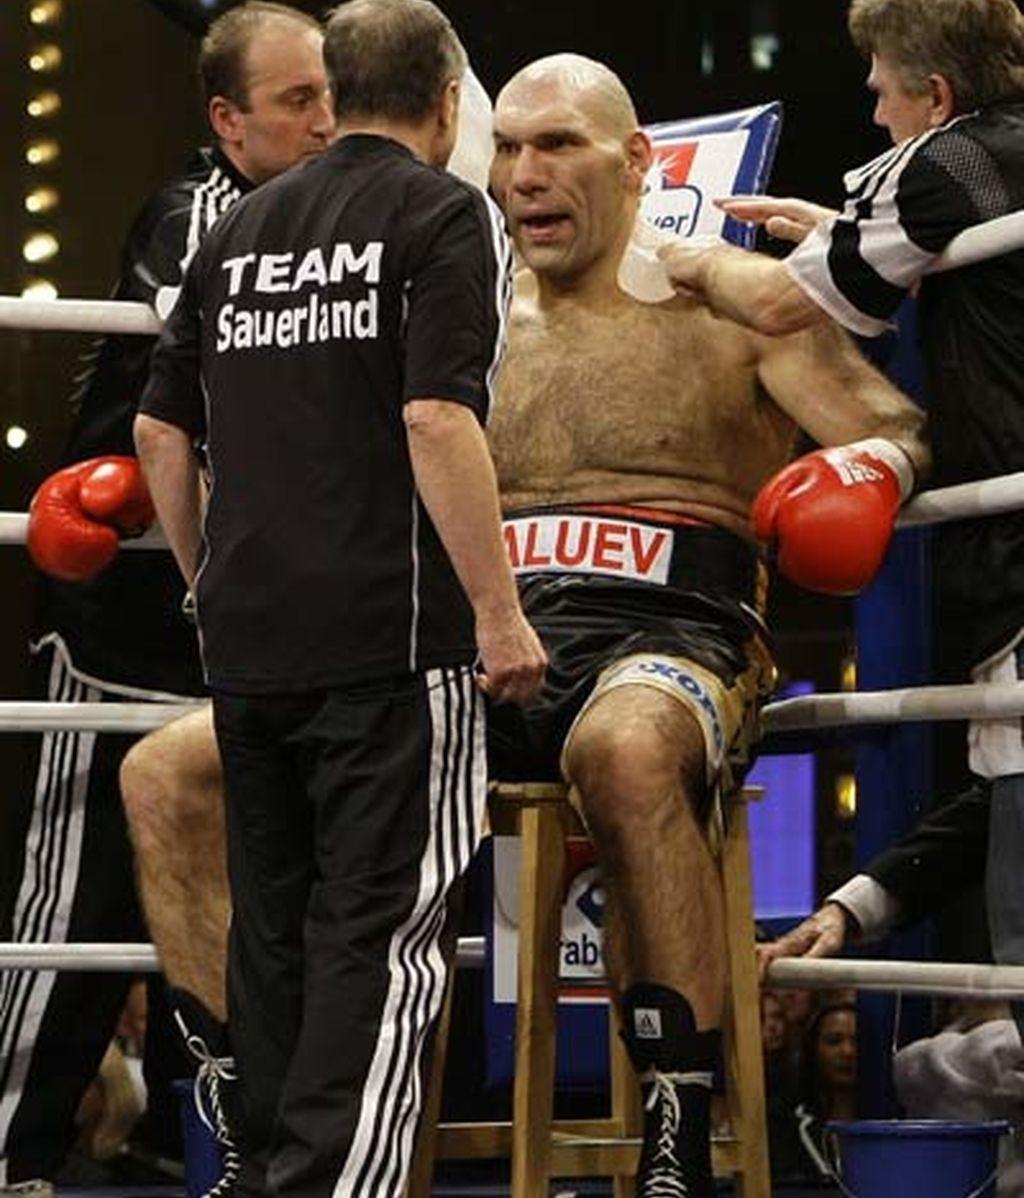 El 'Gigante Valuev' pierde el liderato de pesos pesados